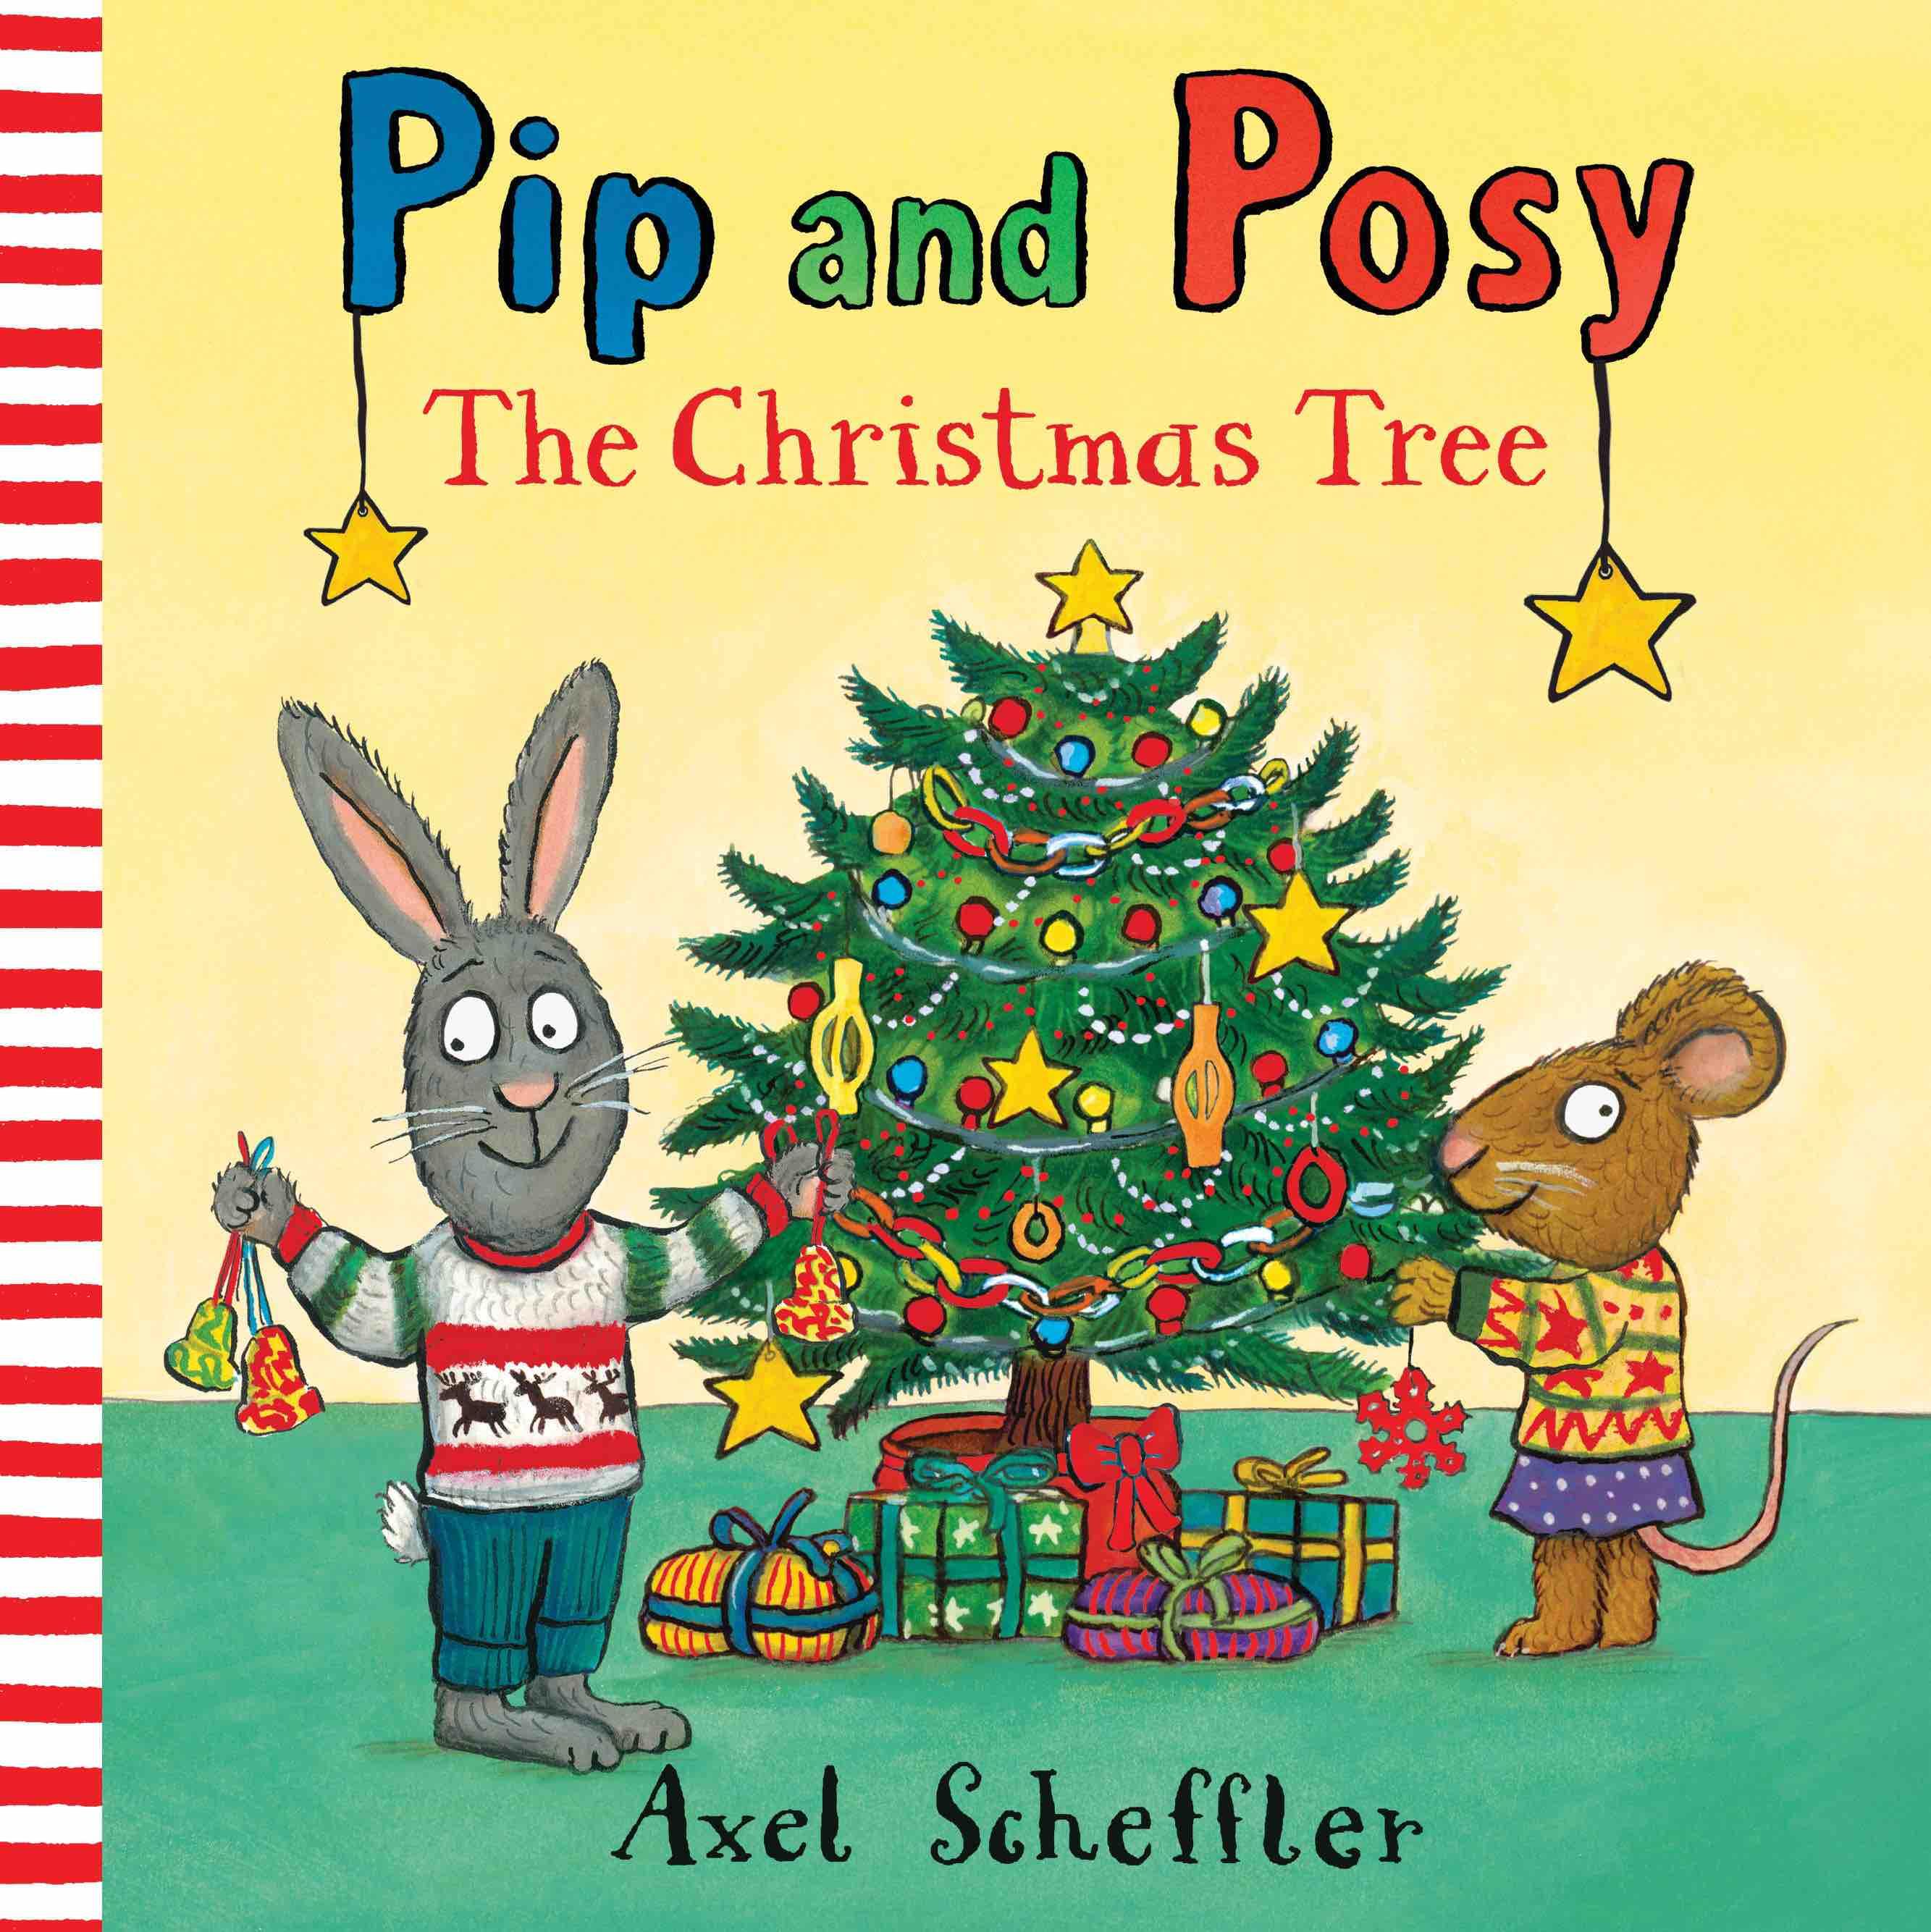 2018 Christmas Books Www Crackingthecover Com